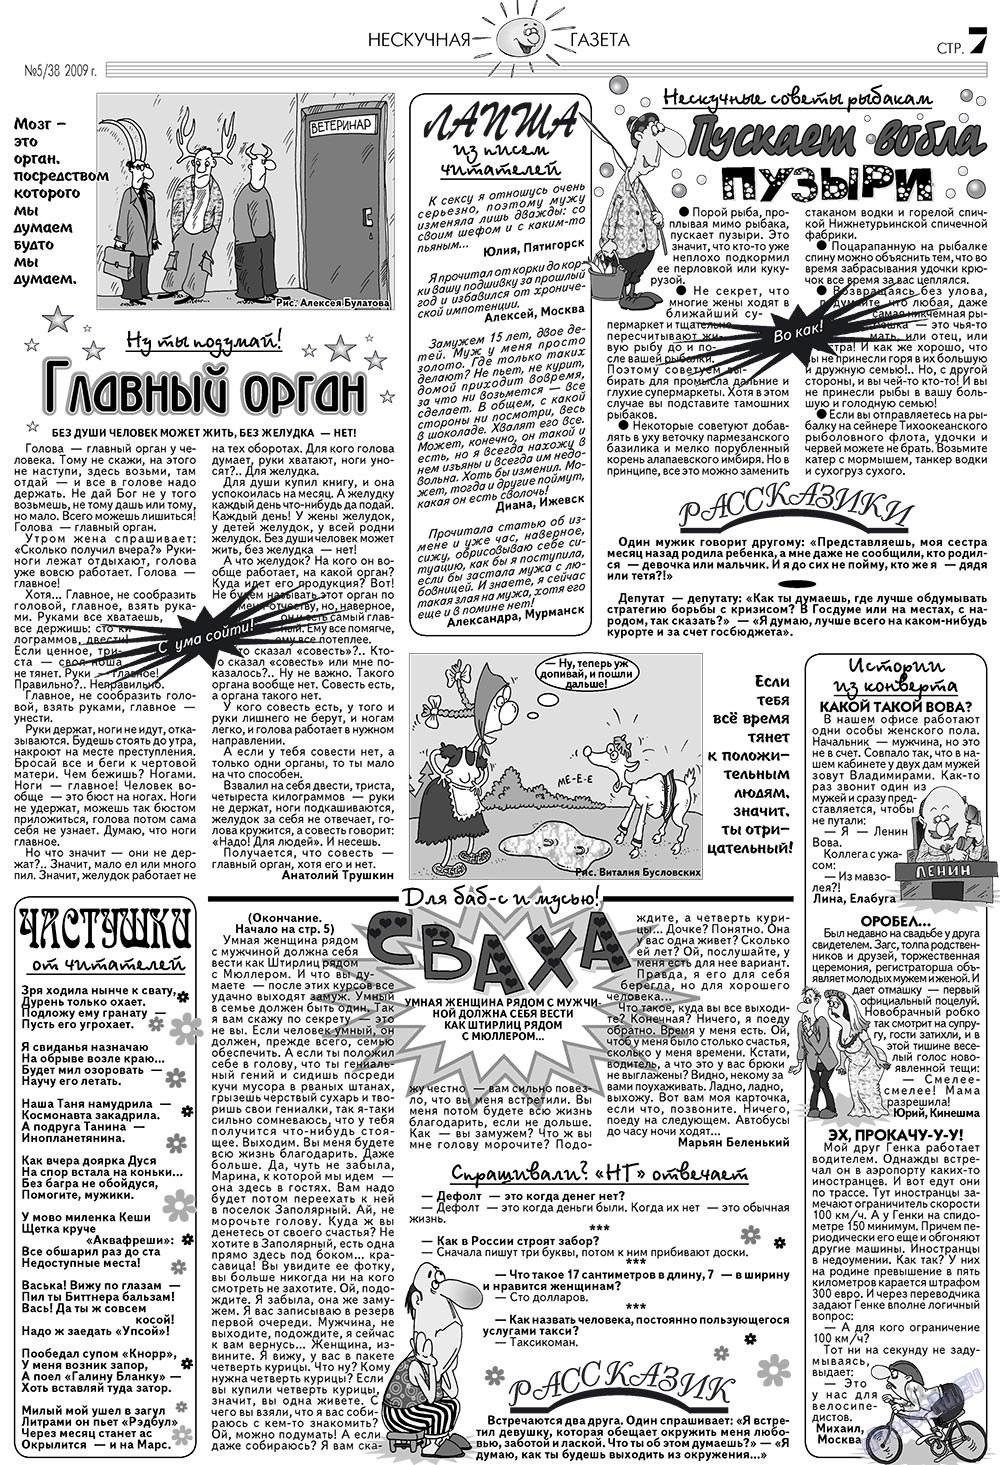 Нескучная газета (газета). 2009 год, номер 5, стр. 7